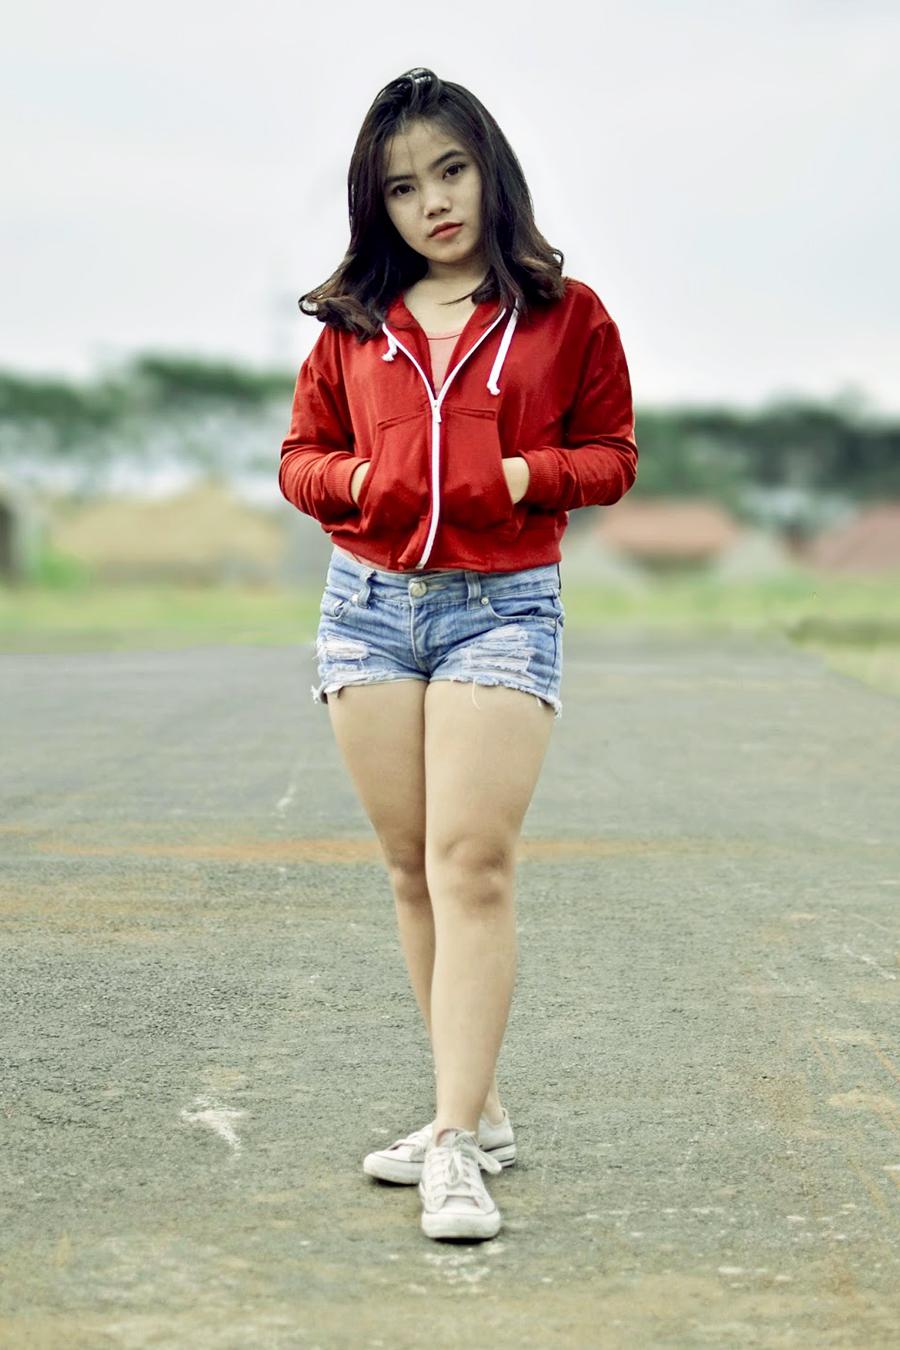 foto model IGO Sella ABG Malang rambut hitam manis